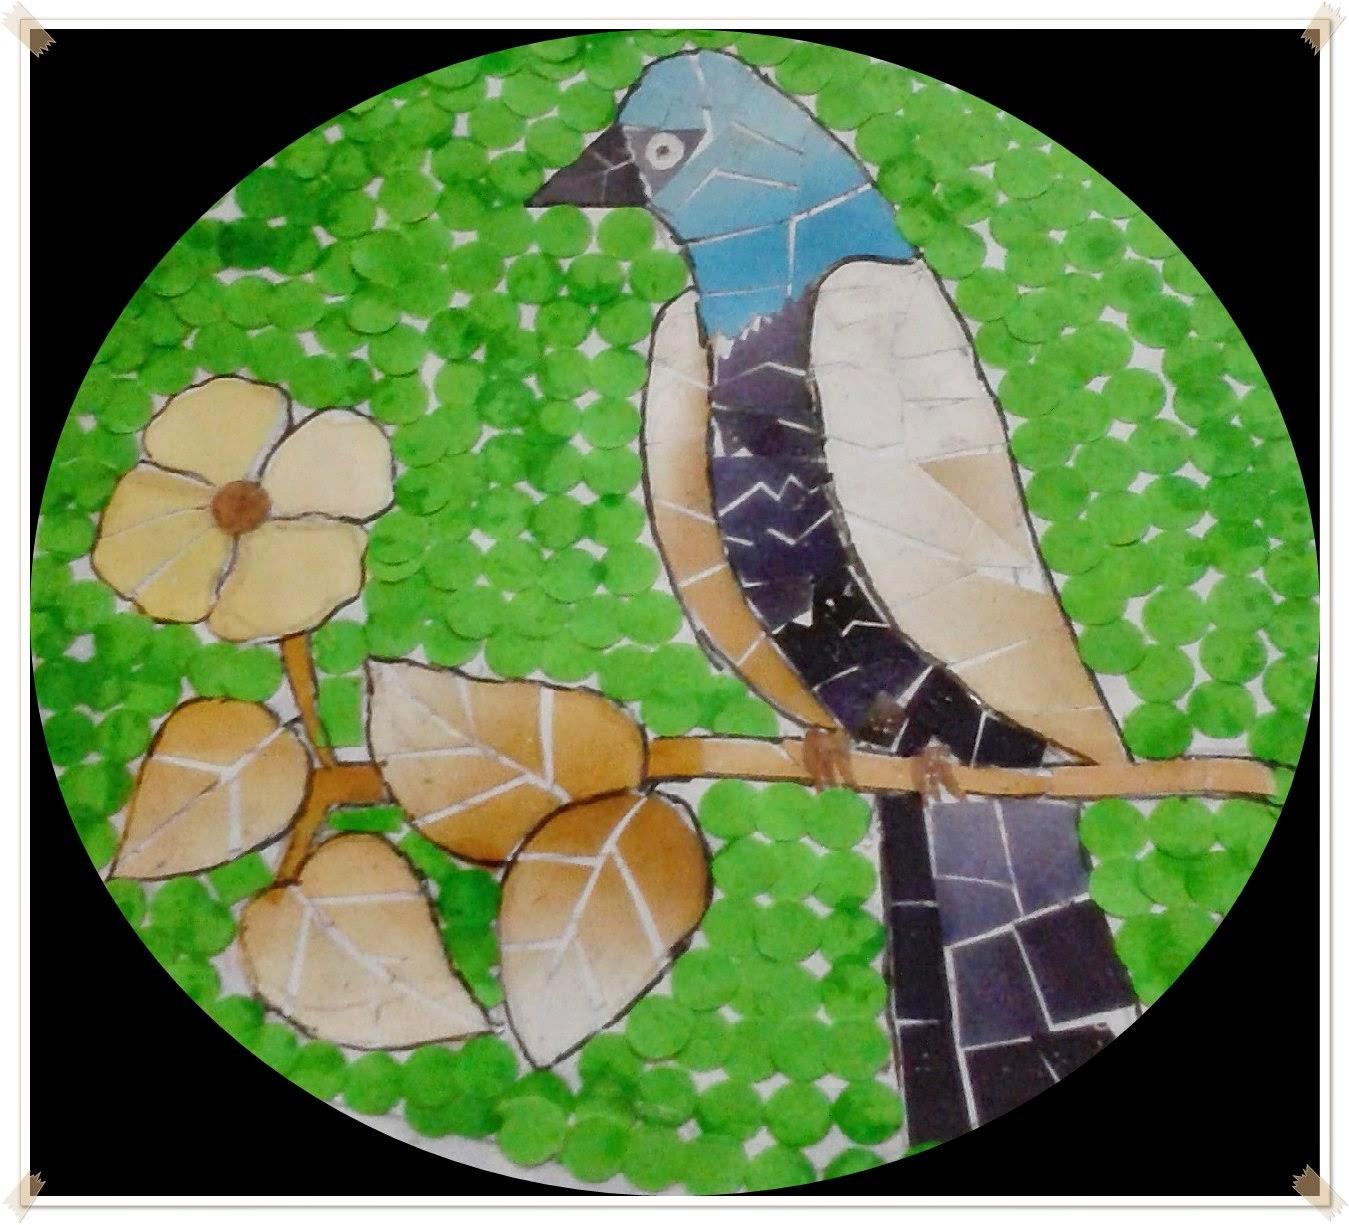 Pengertian Seni  Tempel Montase Kolase dan Mozaik  Materi